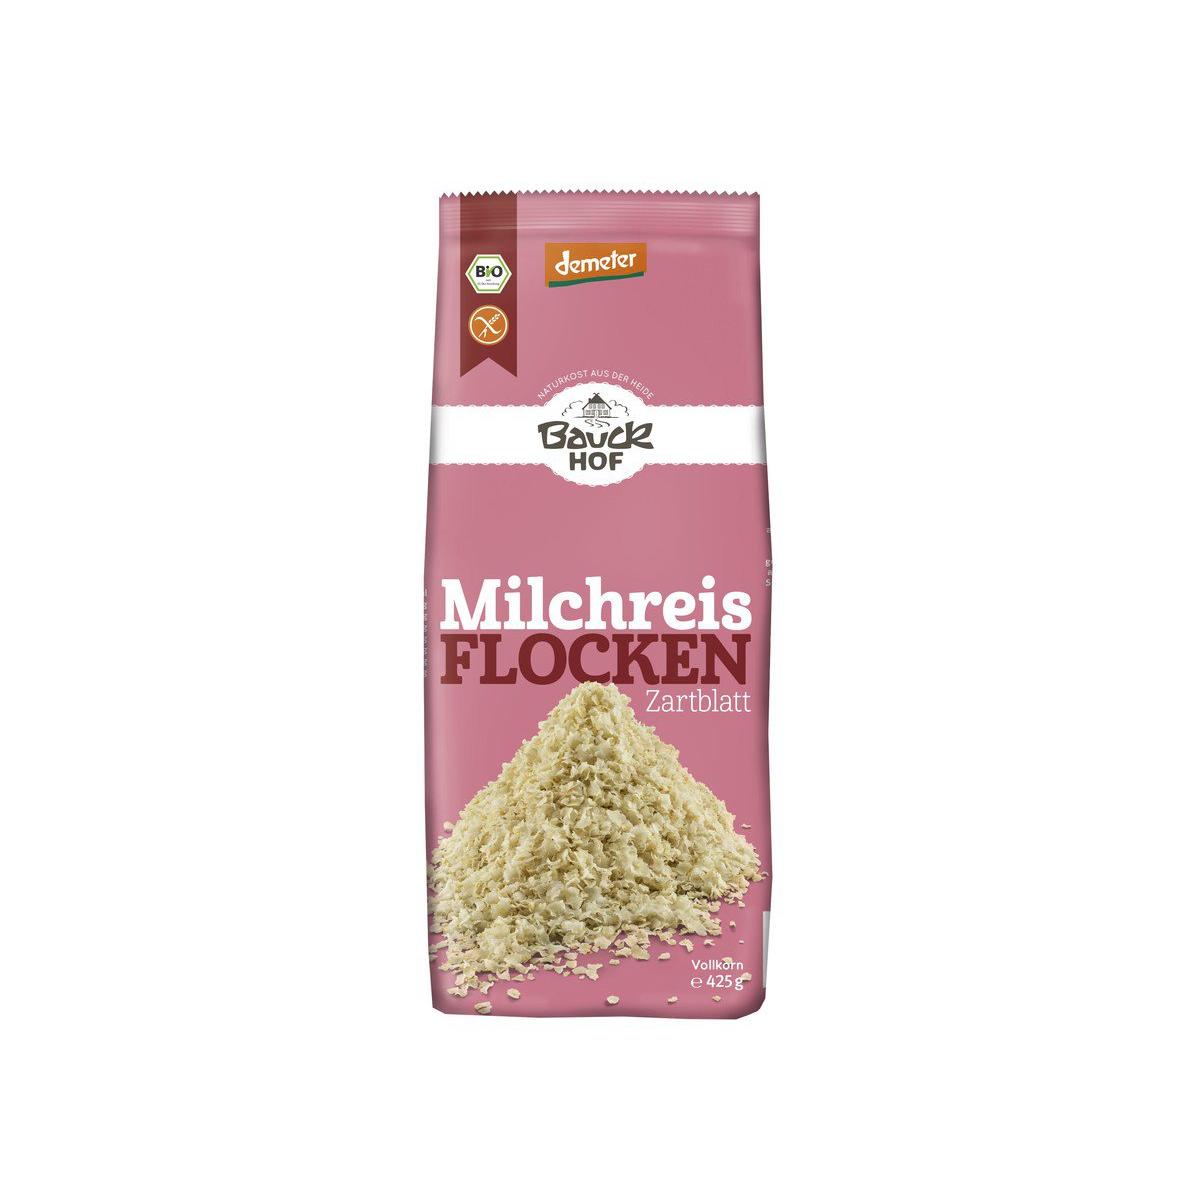 Bio Milchreisflocken Bauck glutenfrei